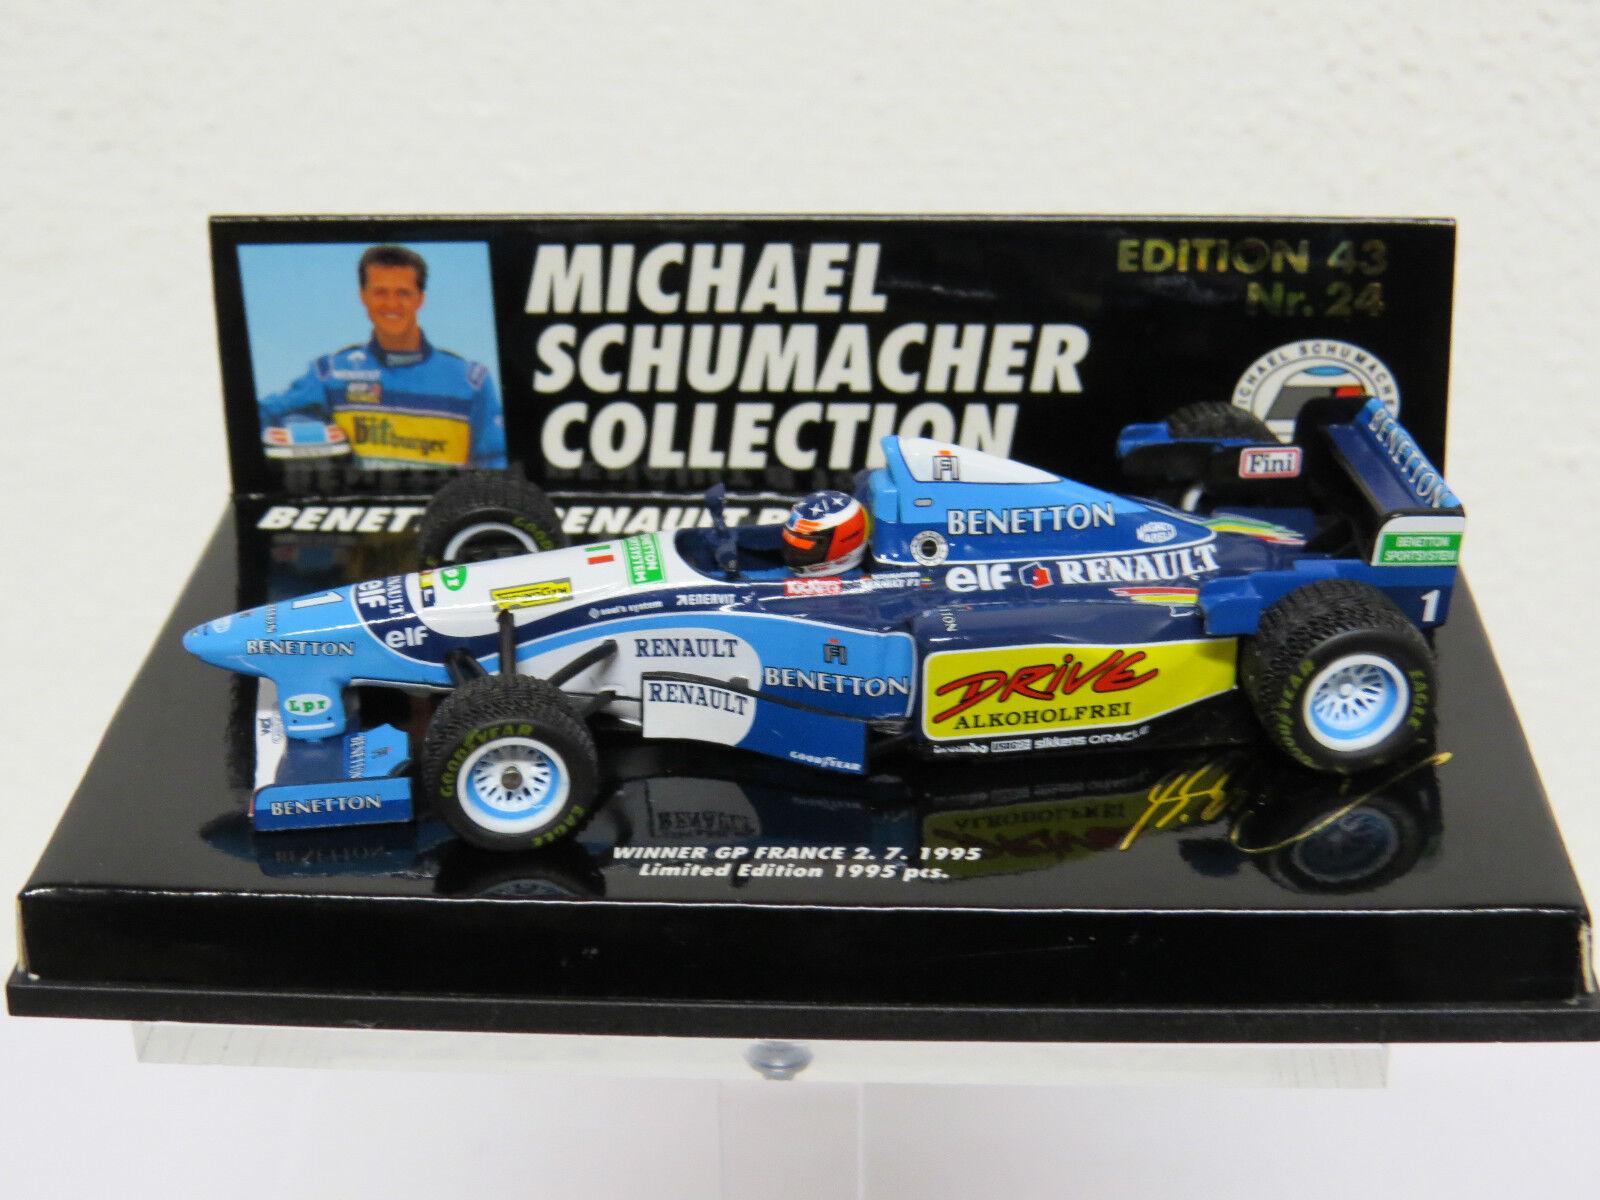 contador genuino Benetton Benetton Benetton B195 2 Winner GP France 2. 7. 1995 M. Schumacher Nr. 24 Nr. 510954318  envío gratuito a nivel mundial